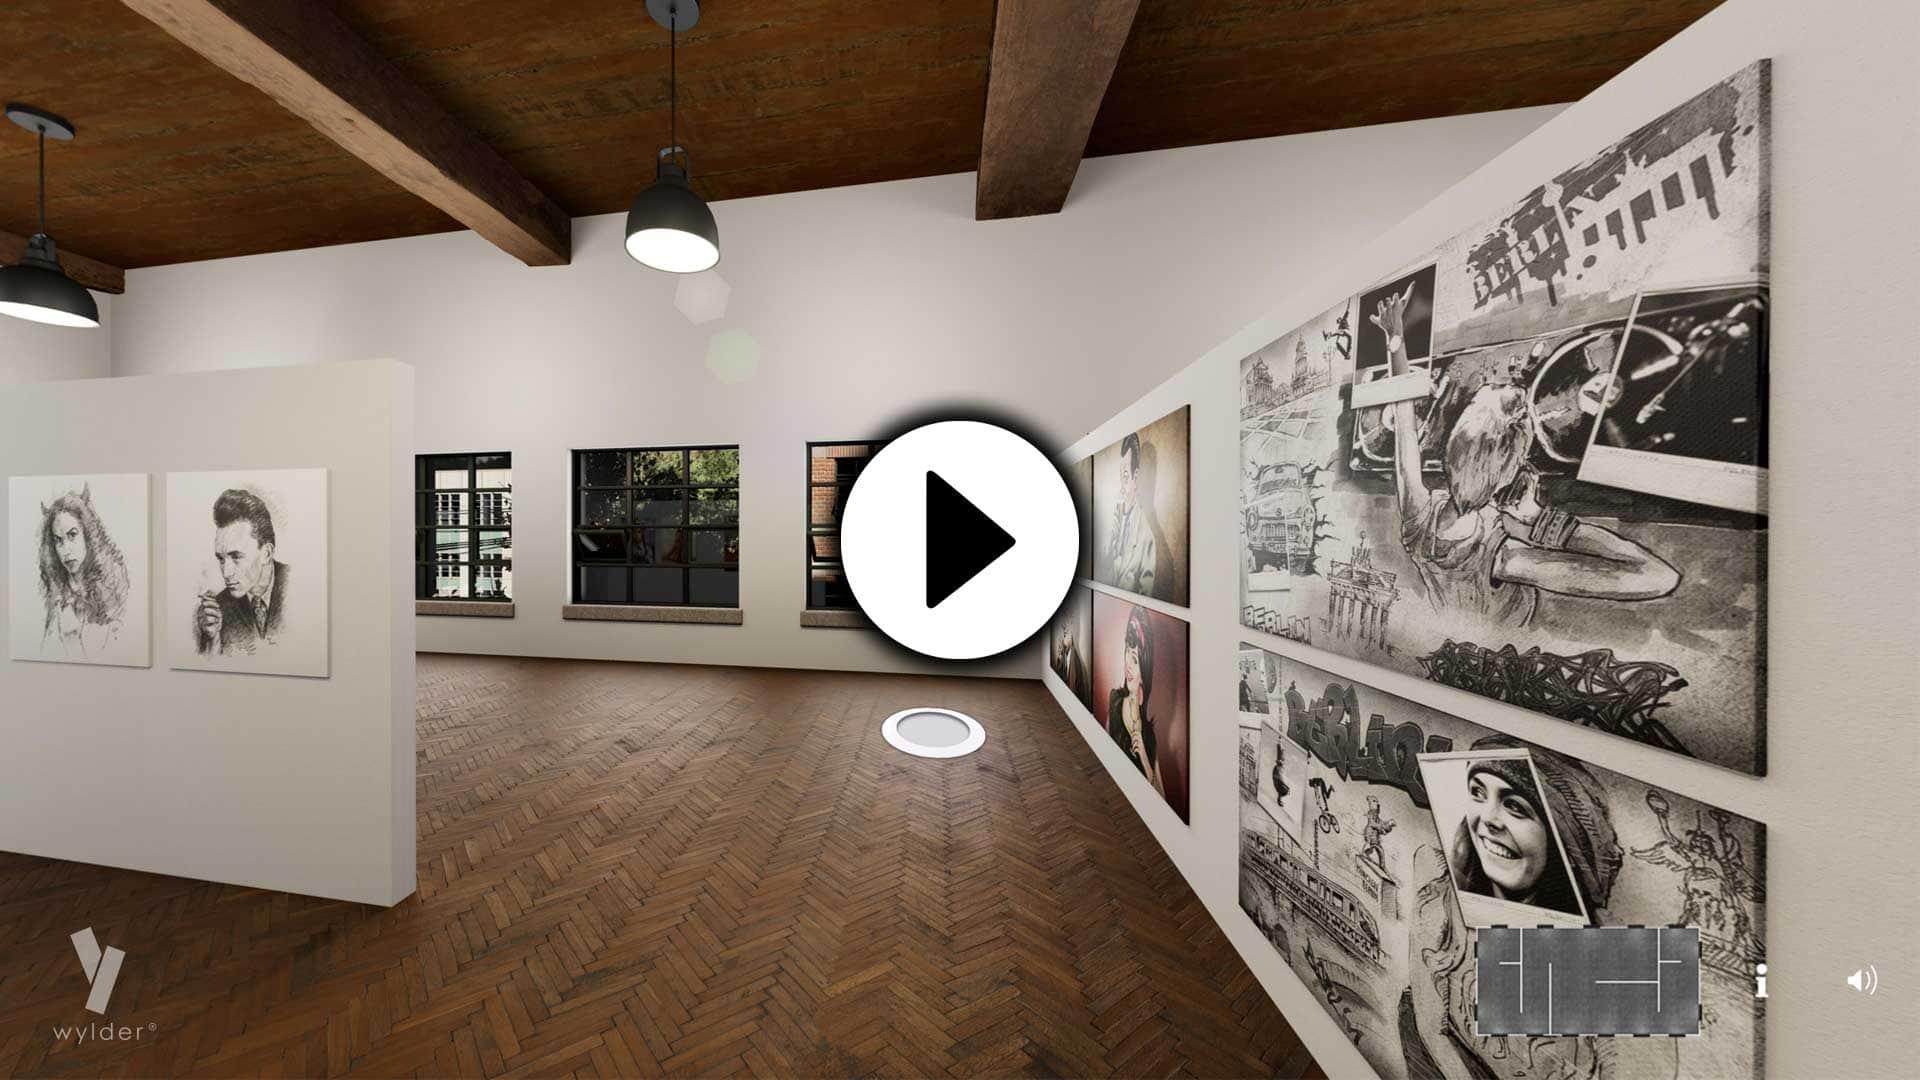 Online Galerien 360 Grad by wylder